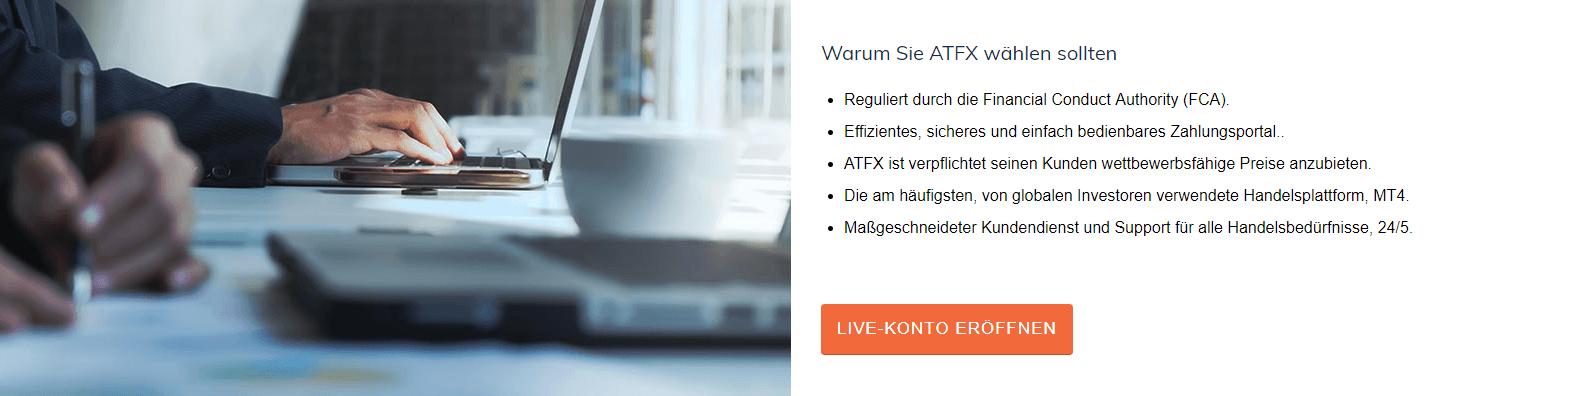 Wichtige Infos über ATFX